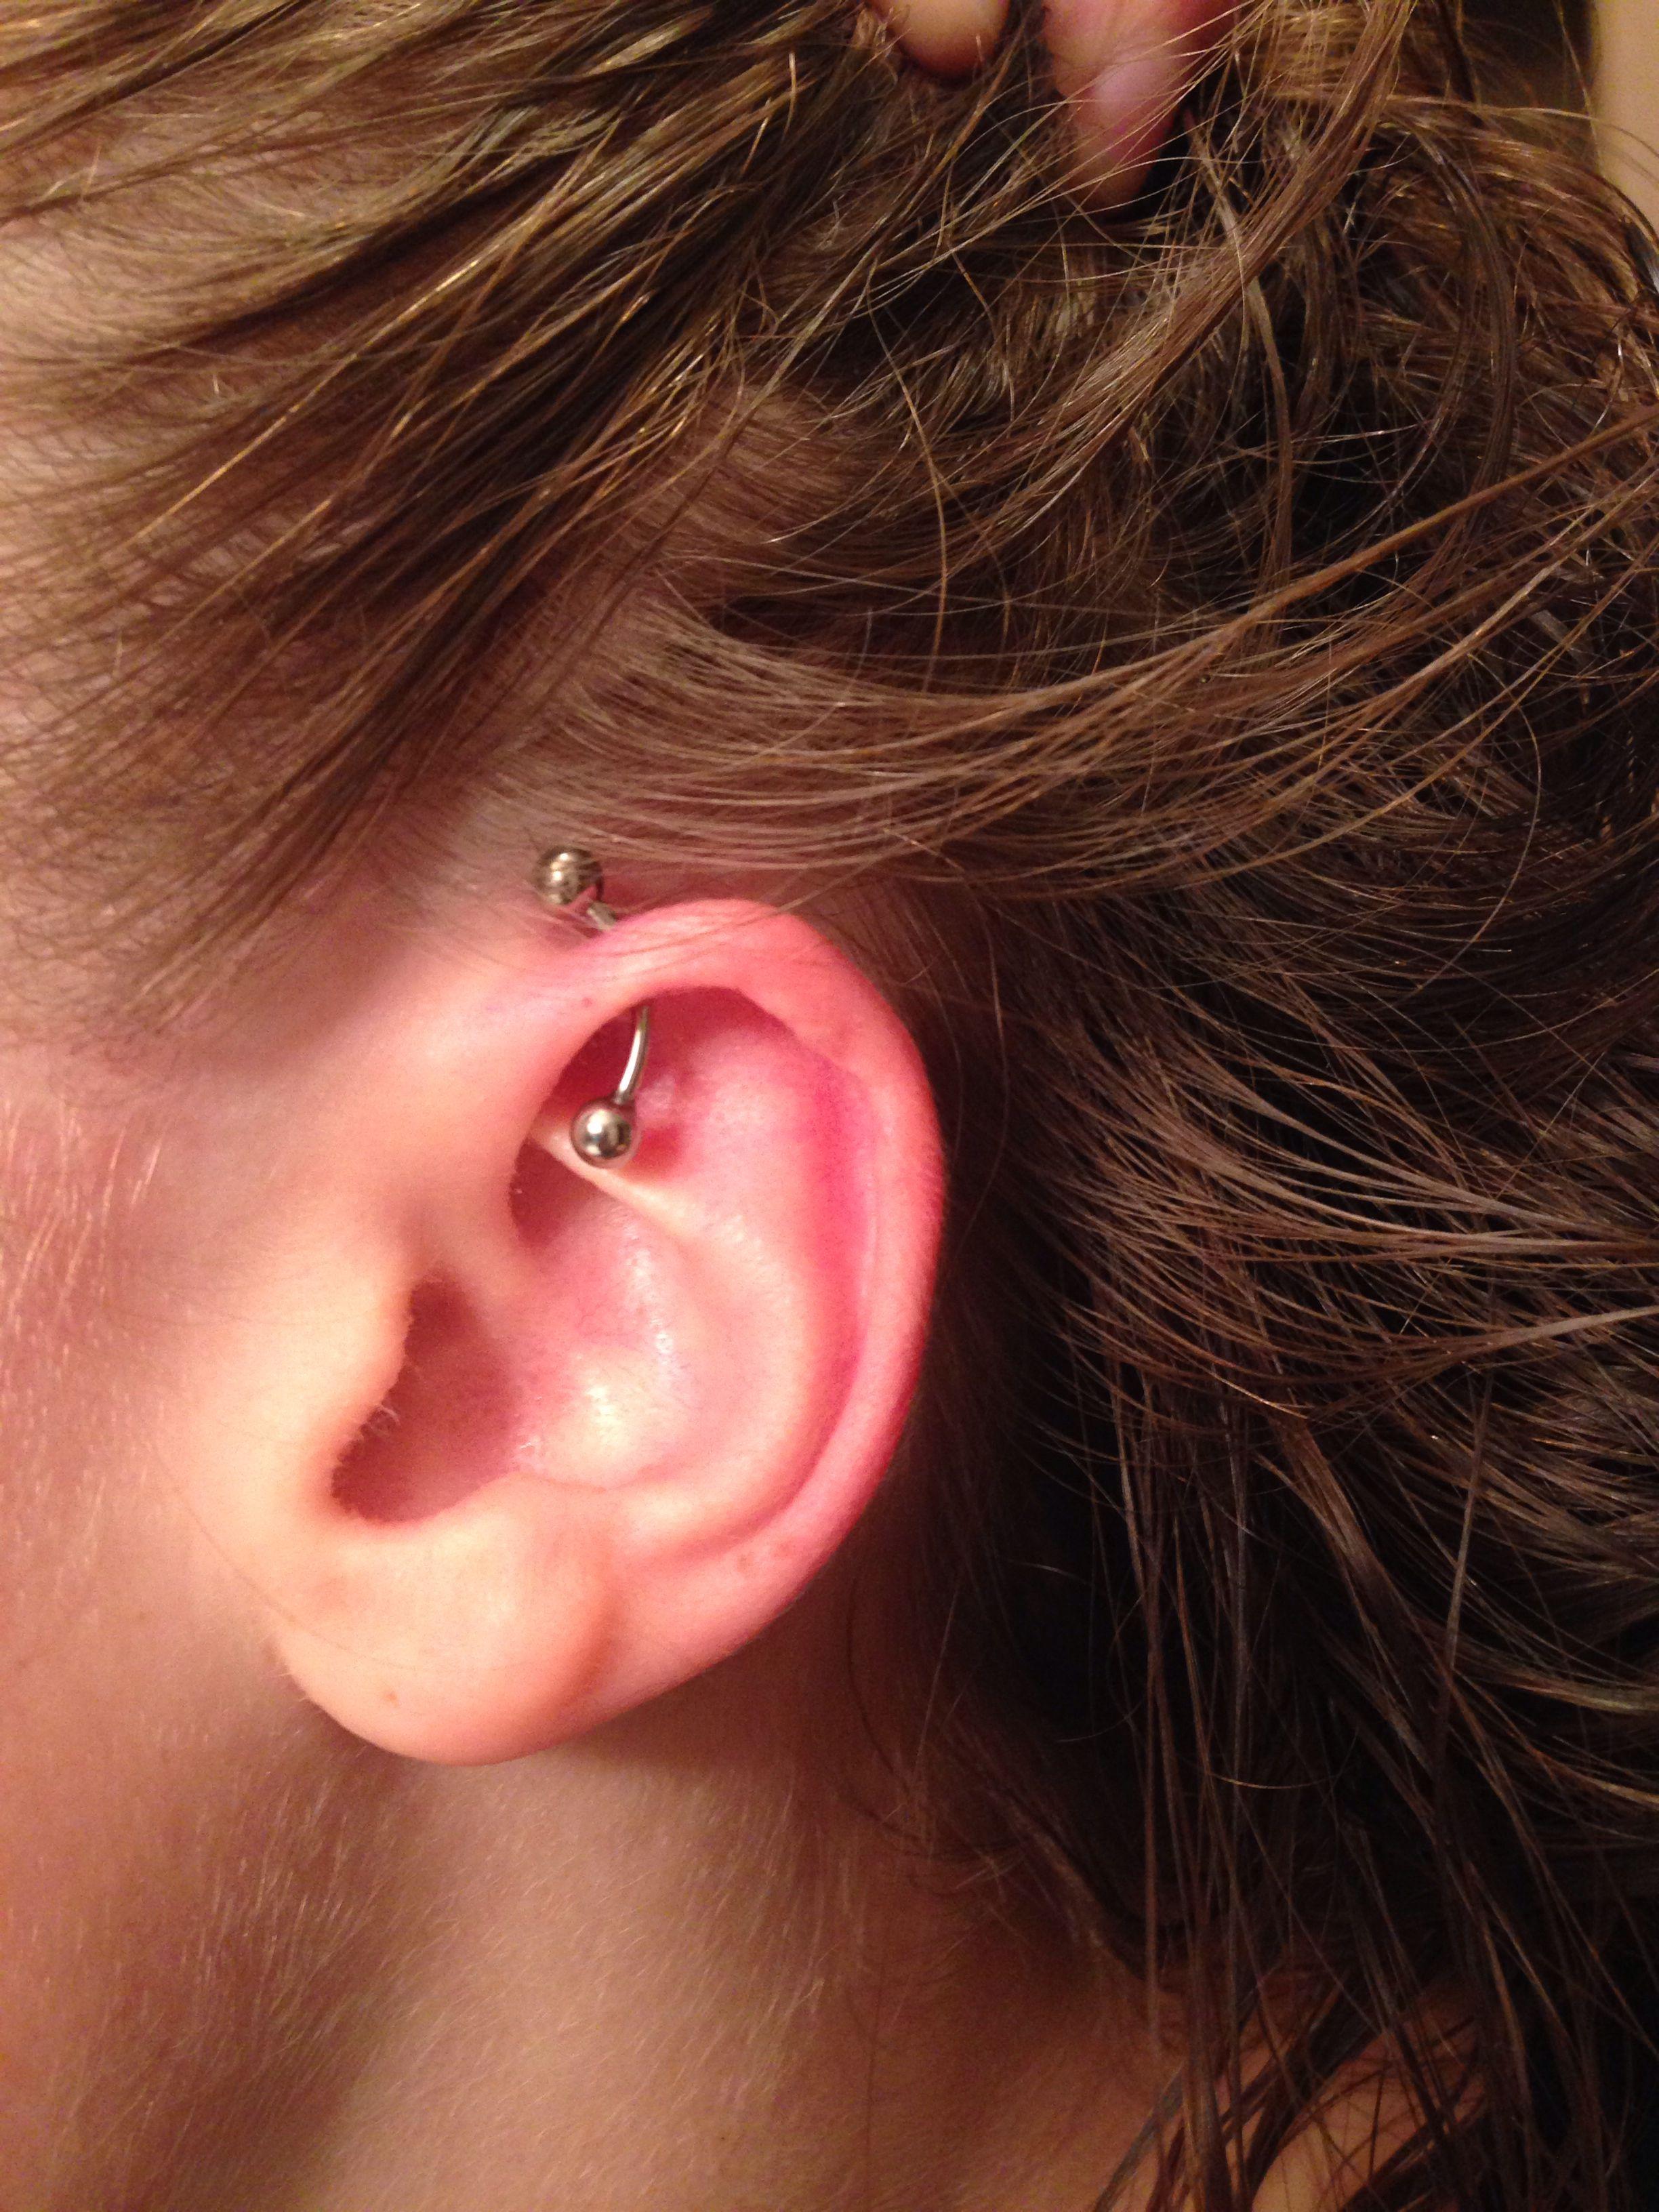 2nd ear piercing ideas  Helix ear piercing  My obessions  Pinterest  Helix ear piercing